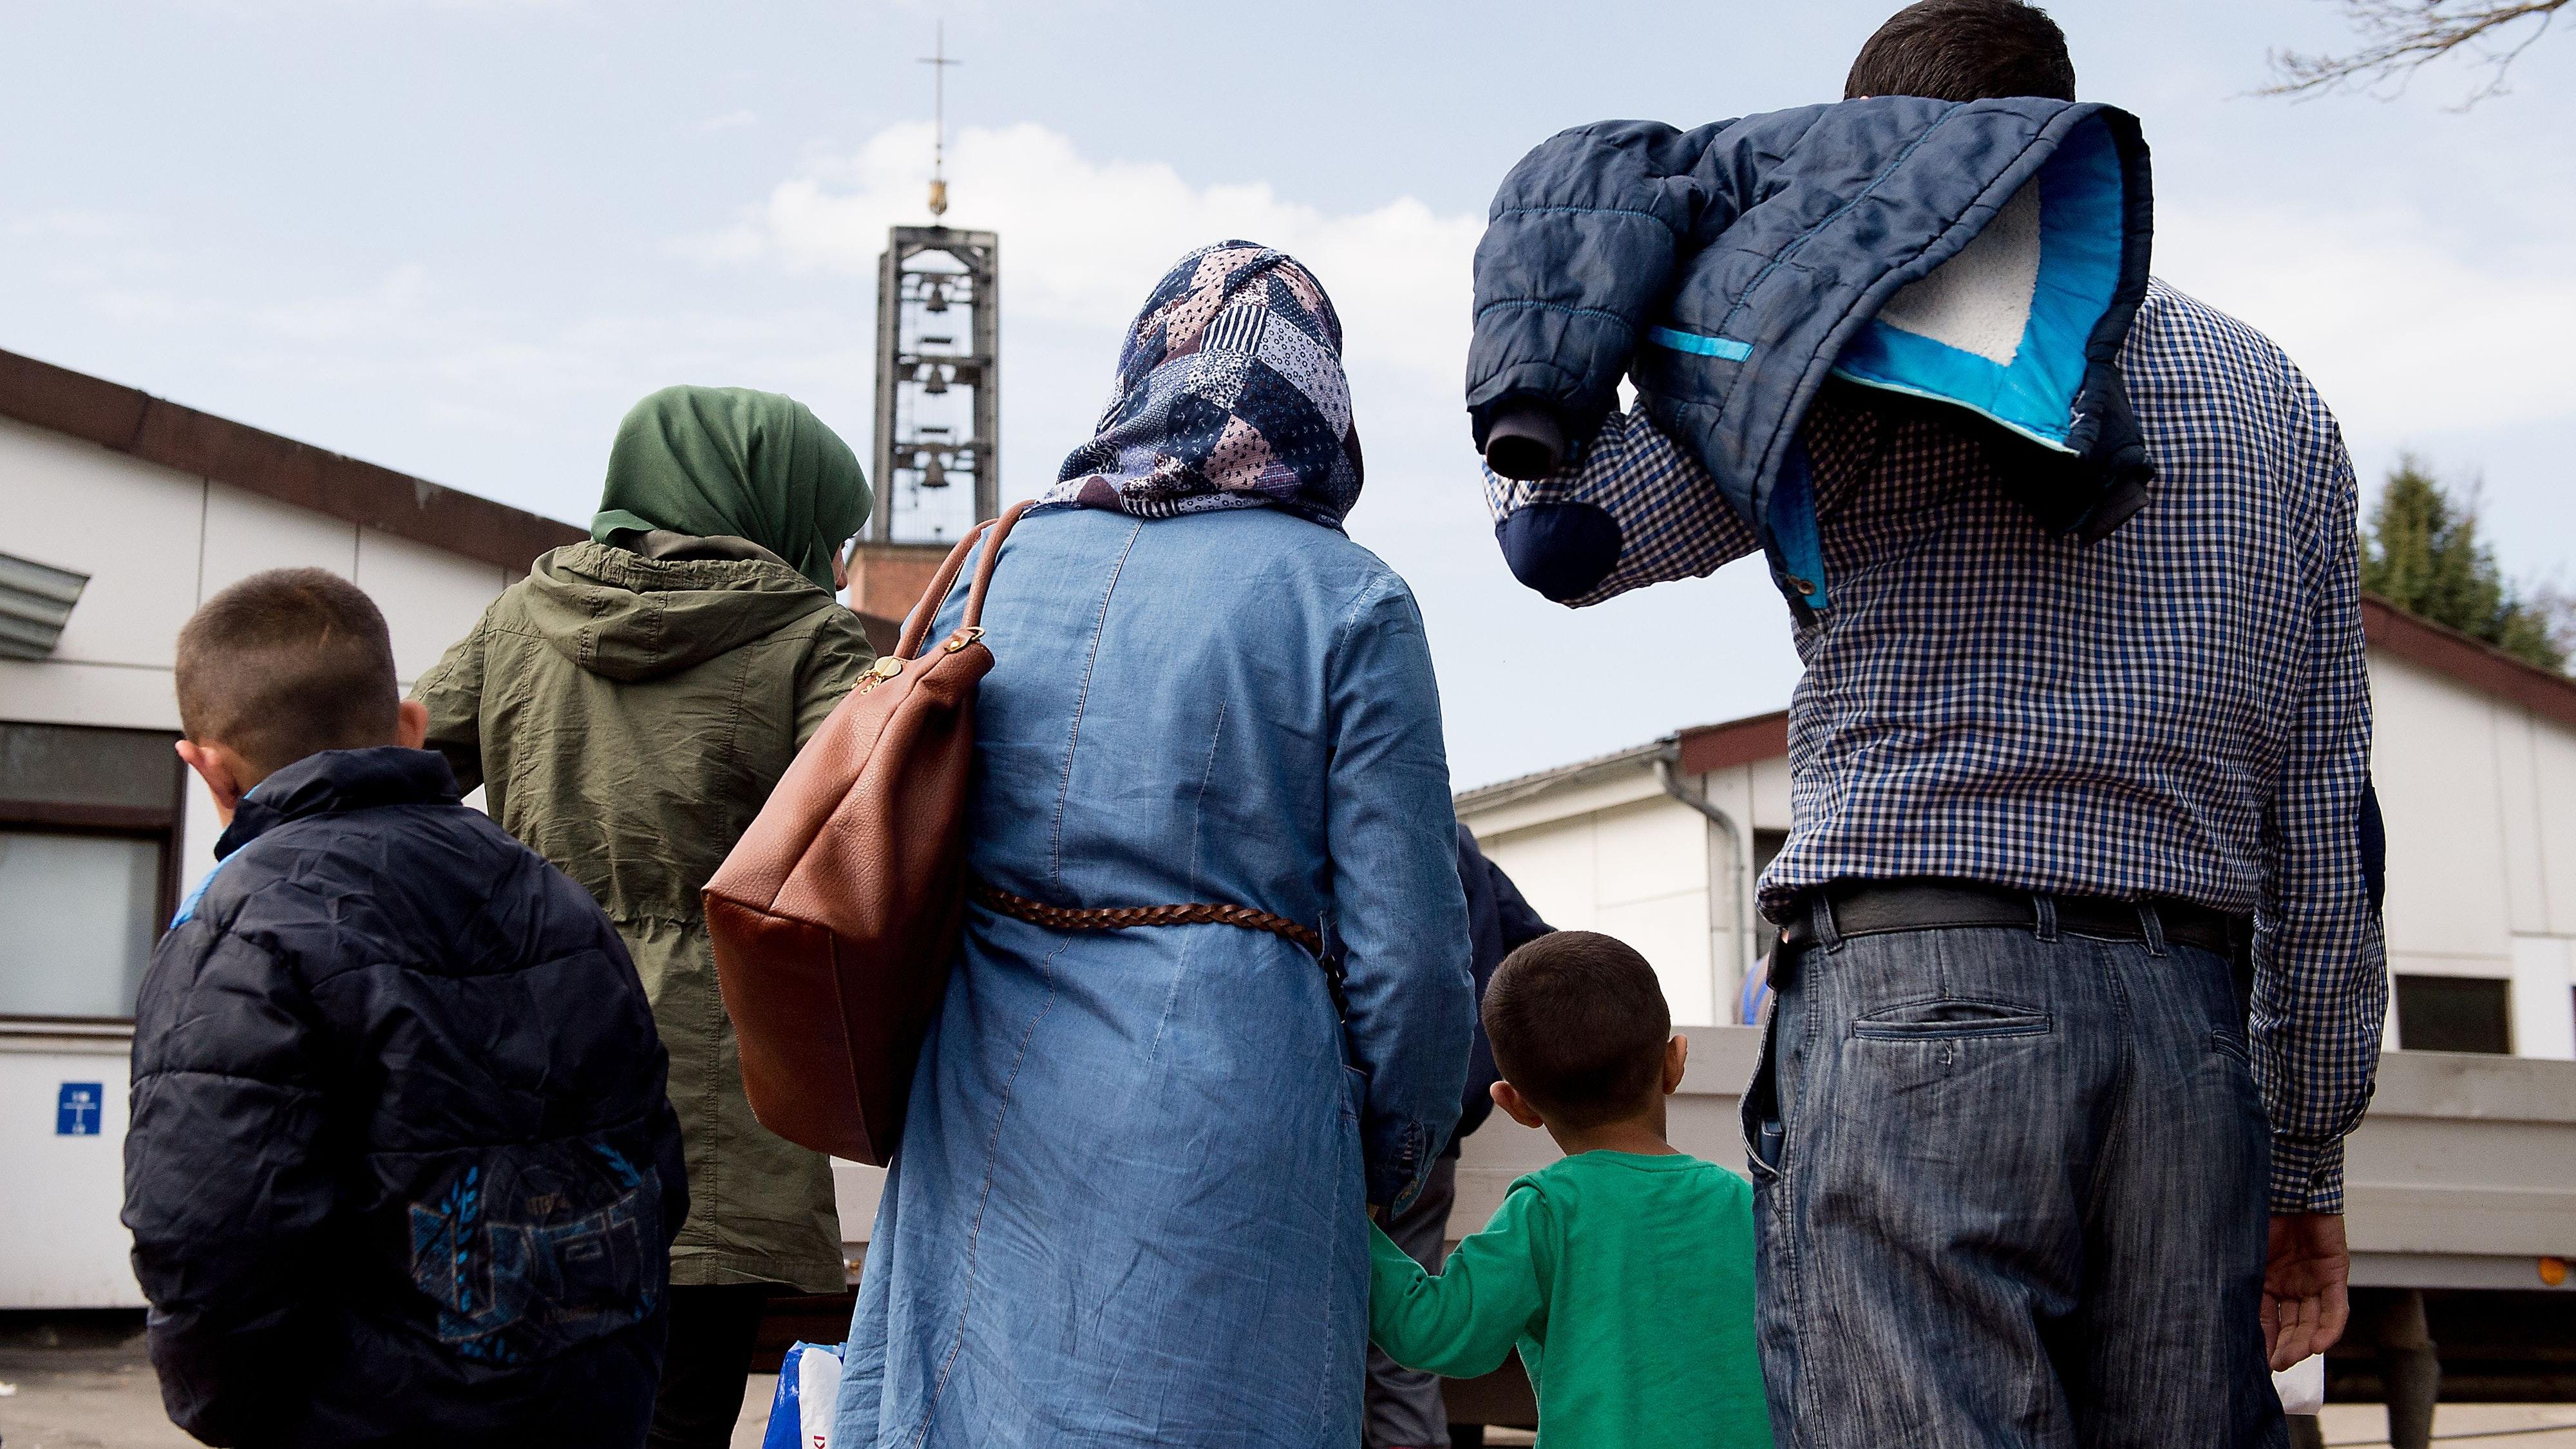 Fast 1.400 Flüchtlinge kamen allein im jahr 2015 in den Kreis Vechta. Viele von ihnen sind laut einer neuen Studie geblieben. Foto: dpa/Pförtner